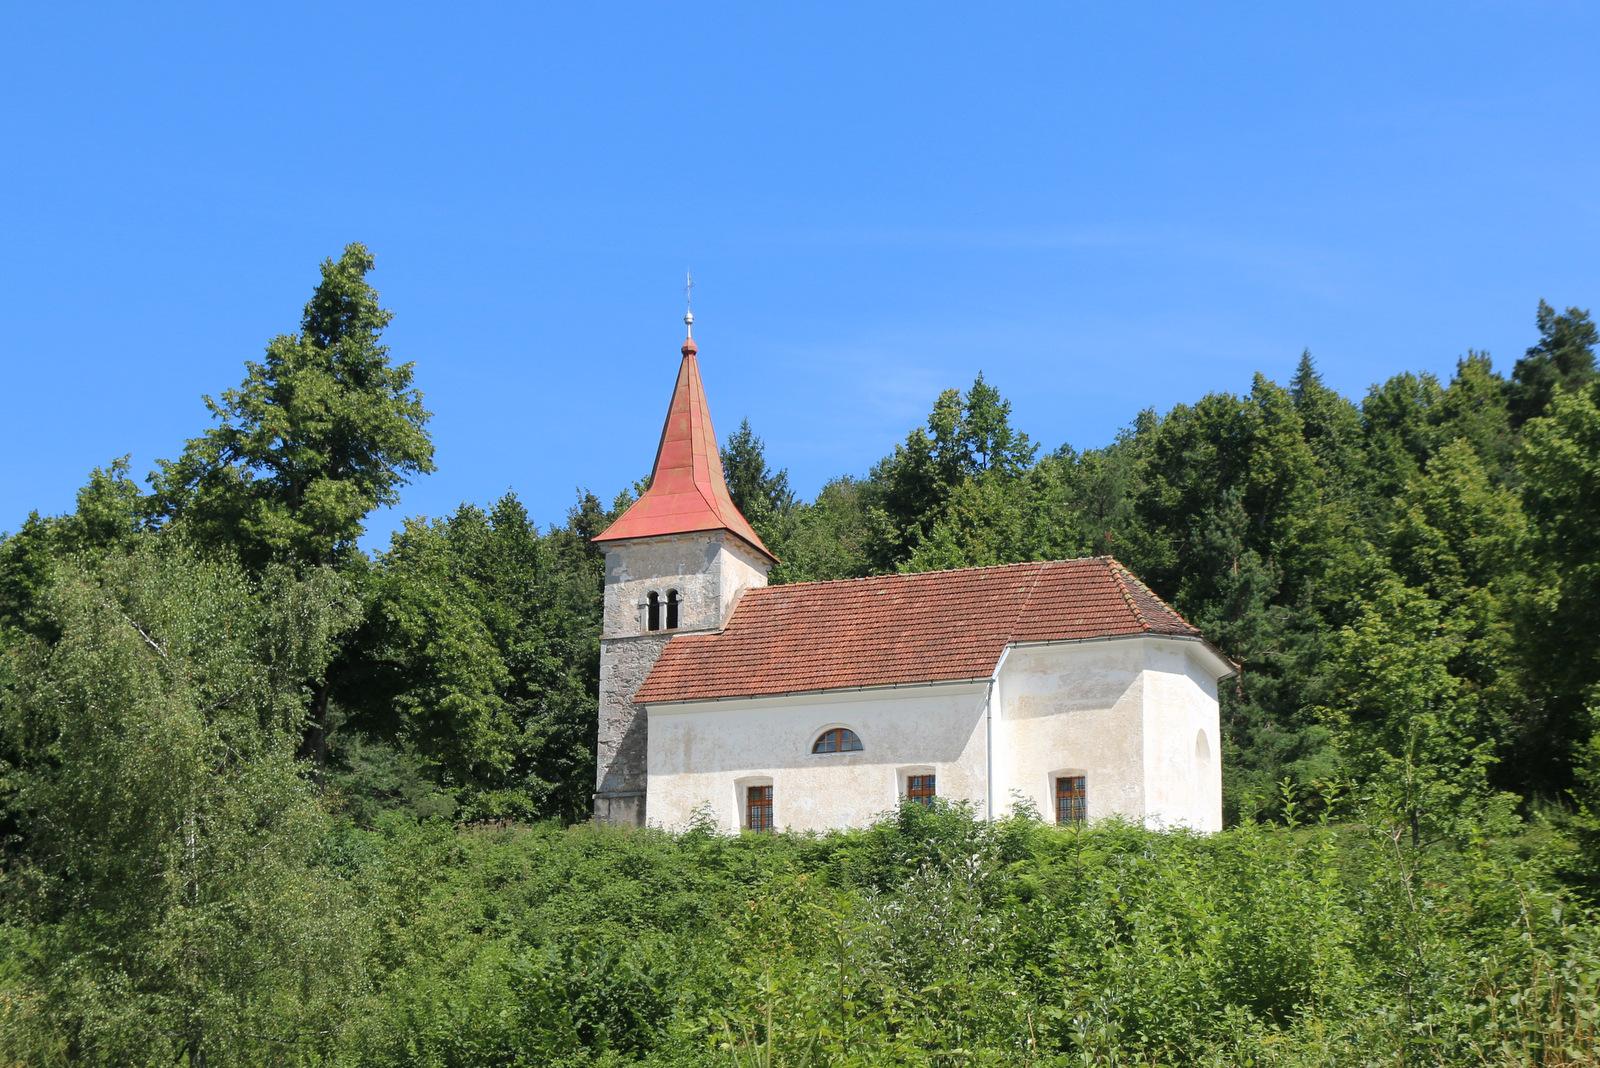 Cerkev Sv. Lenarta v vasi Dobec